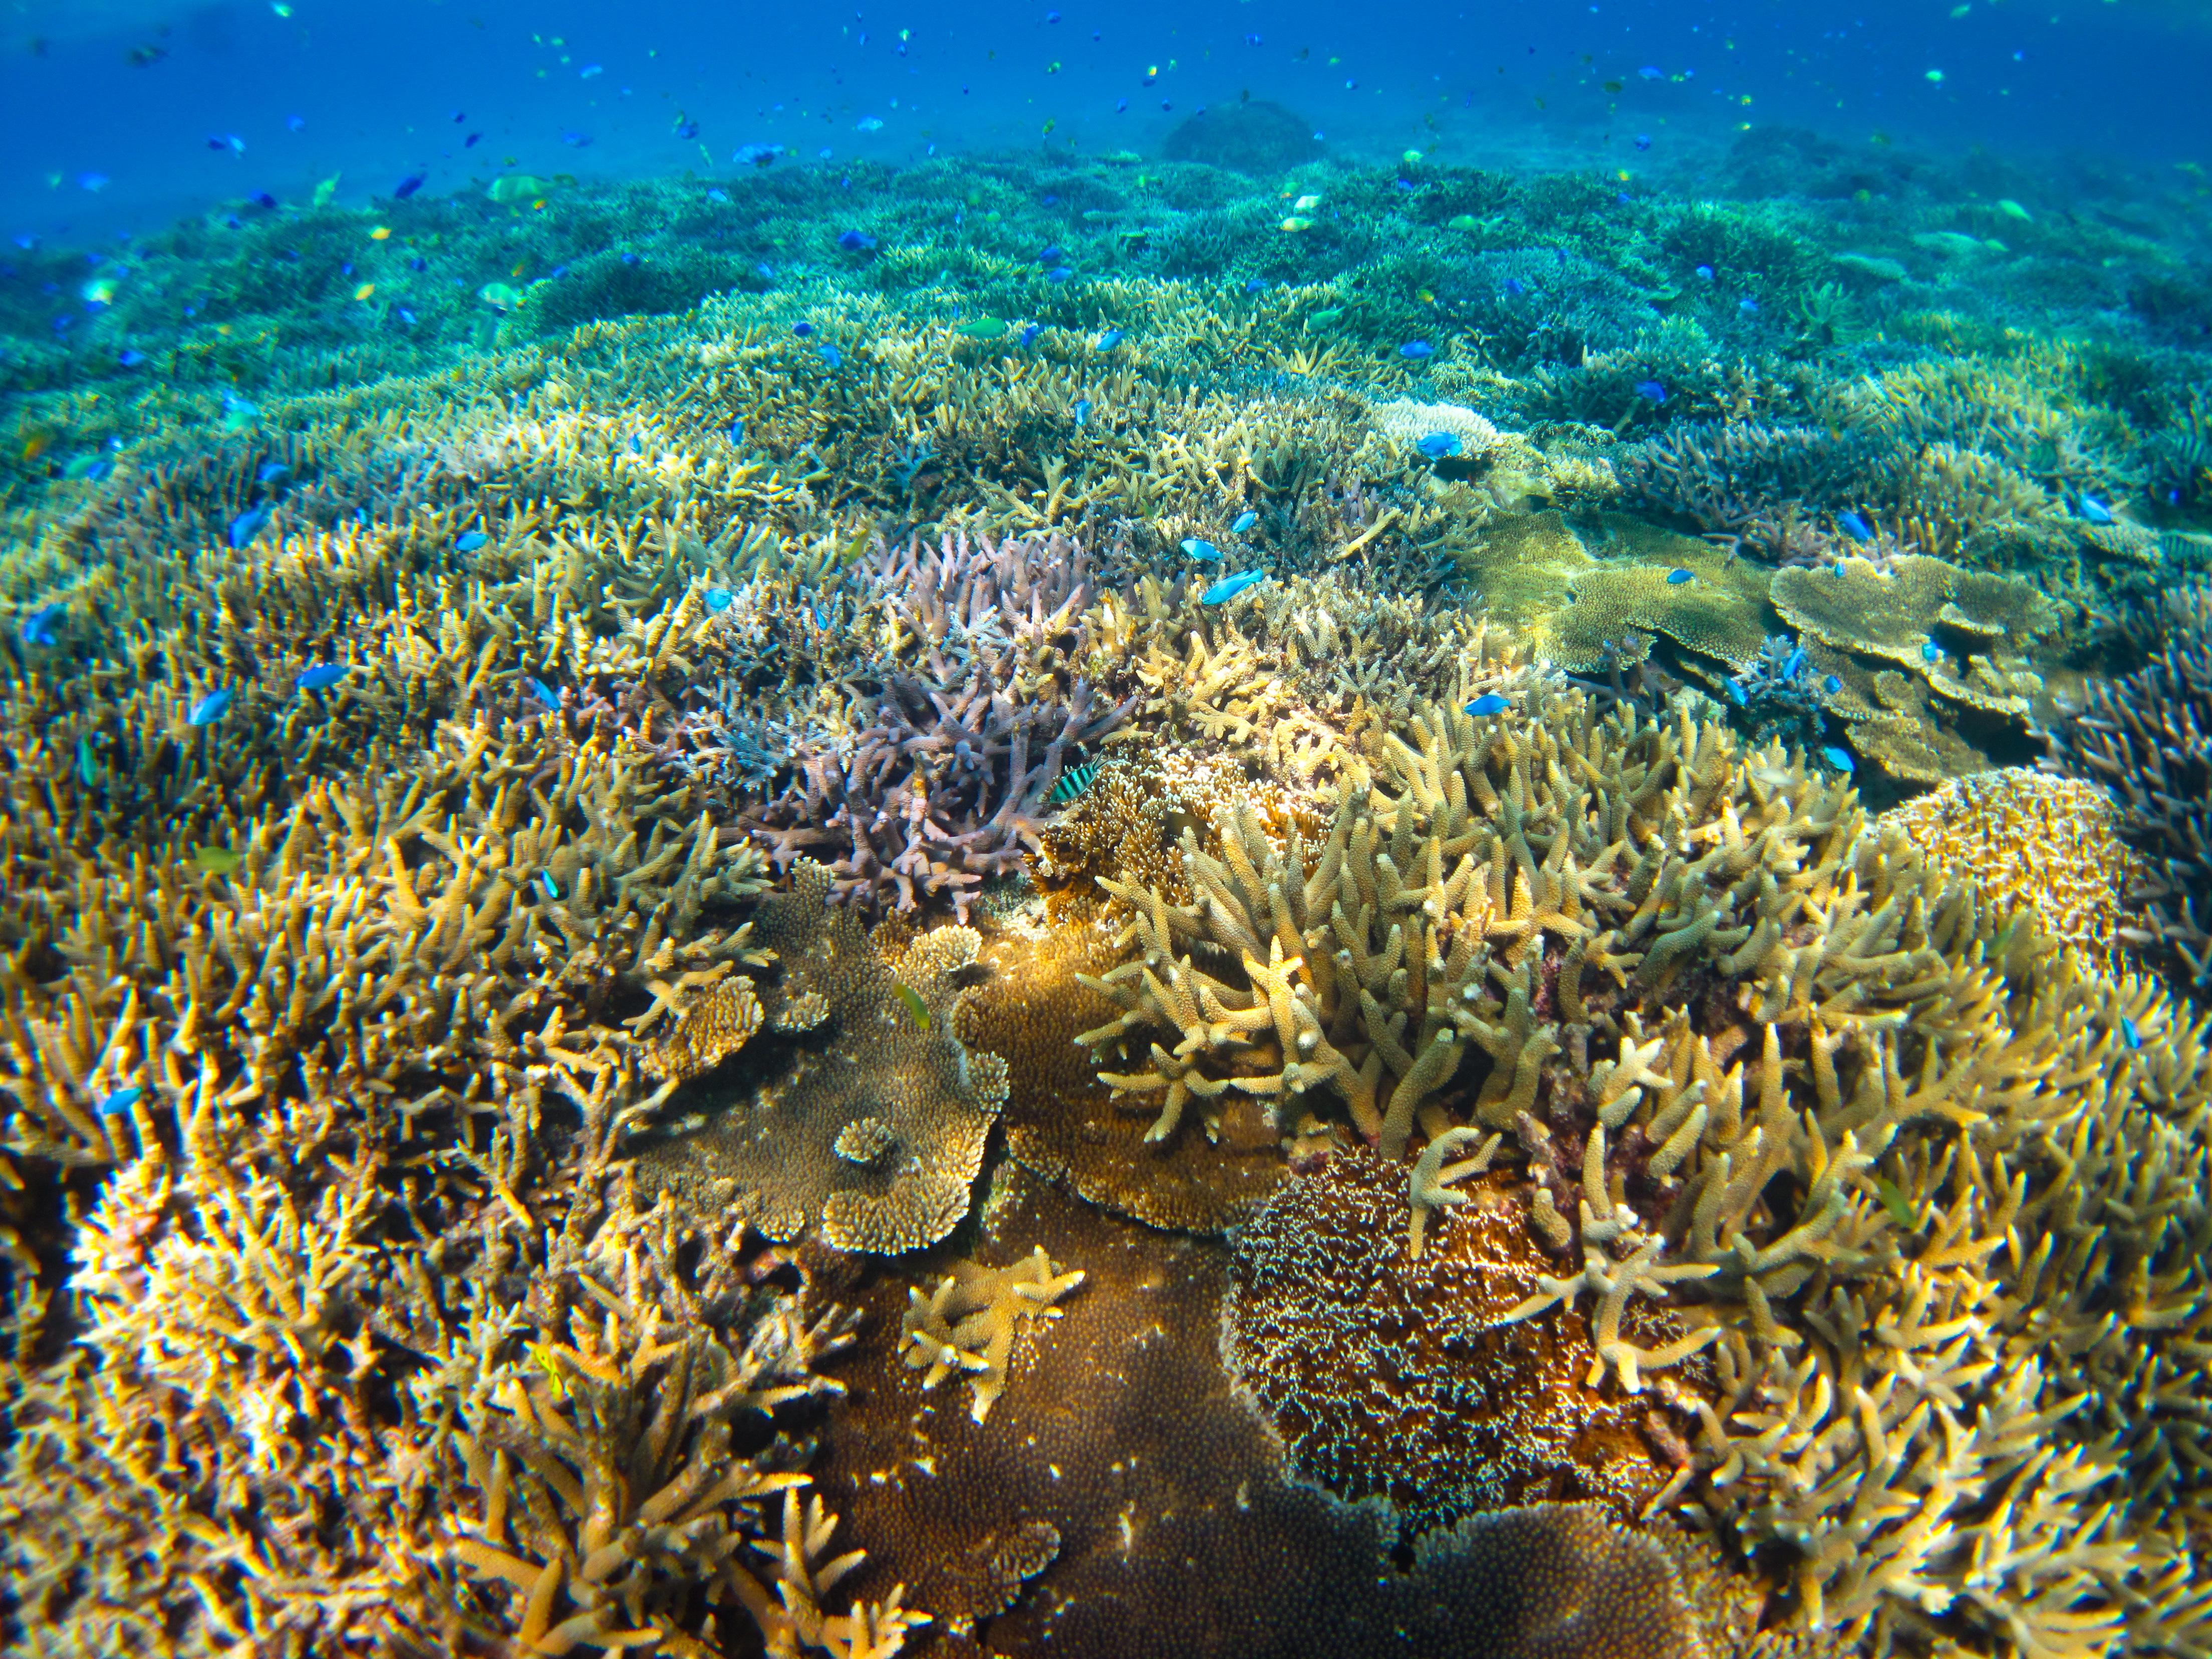 ダイビングでカラフル熱帯魚と泳ぐ